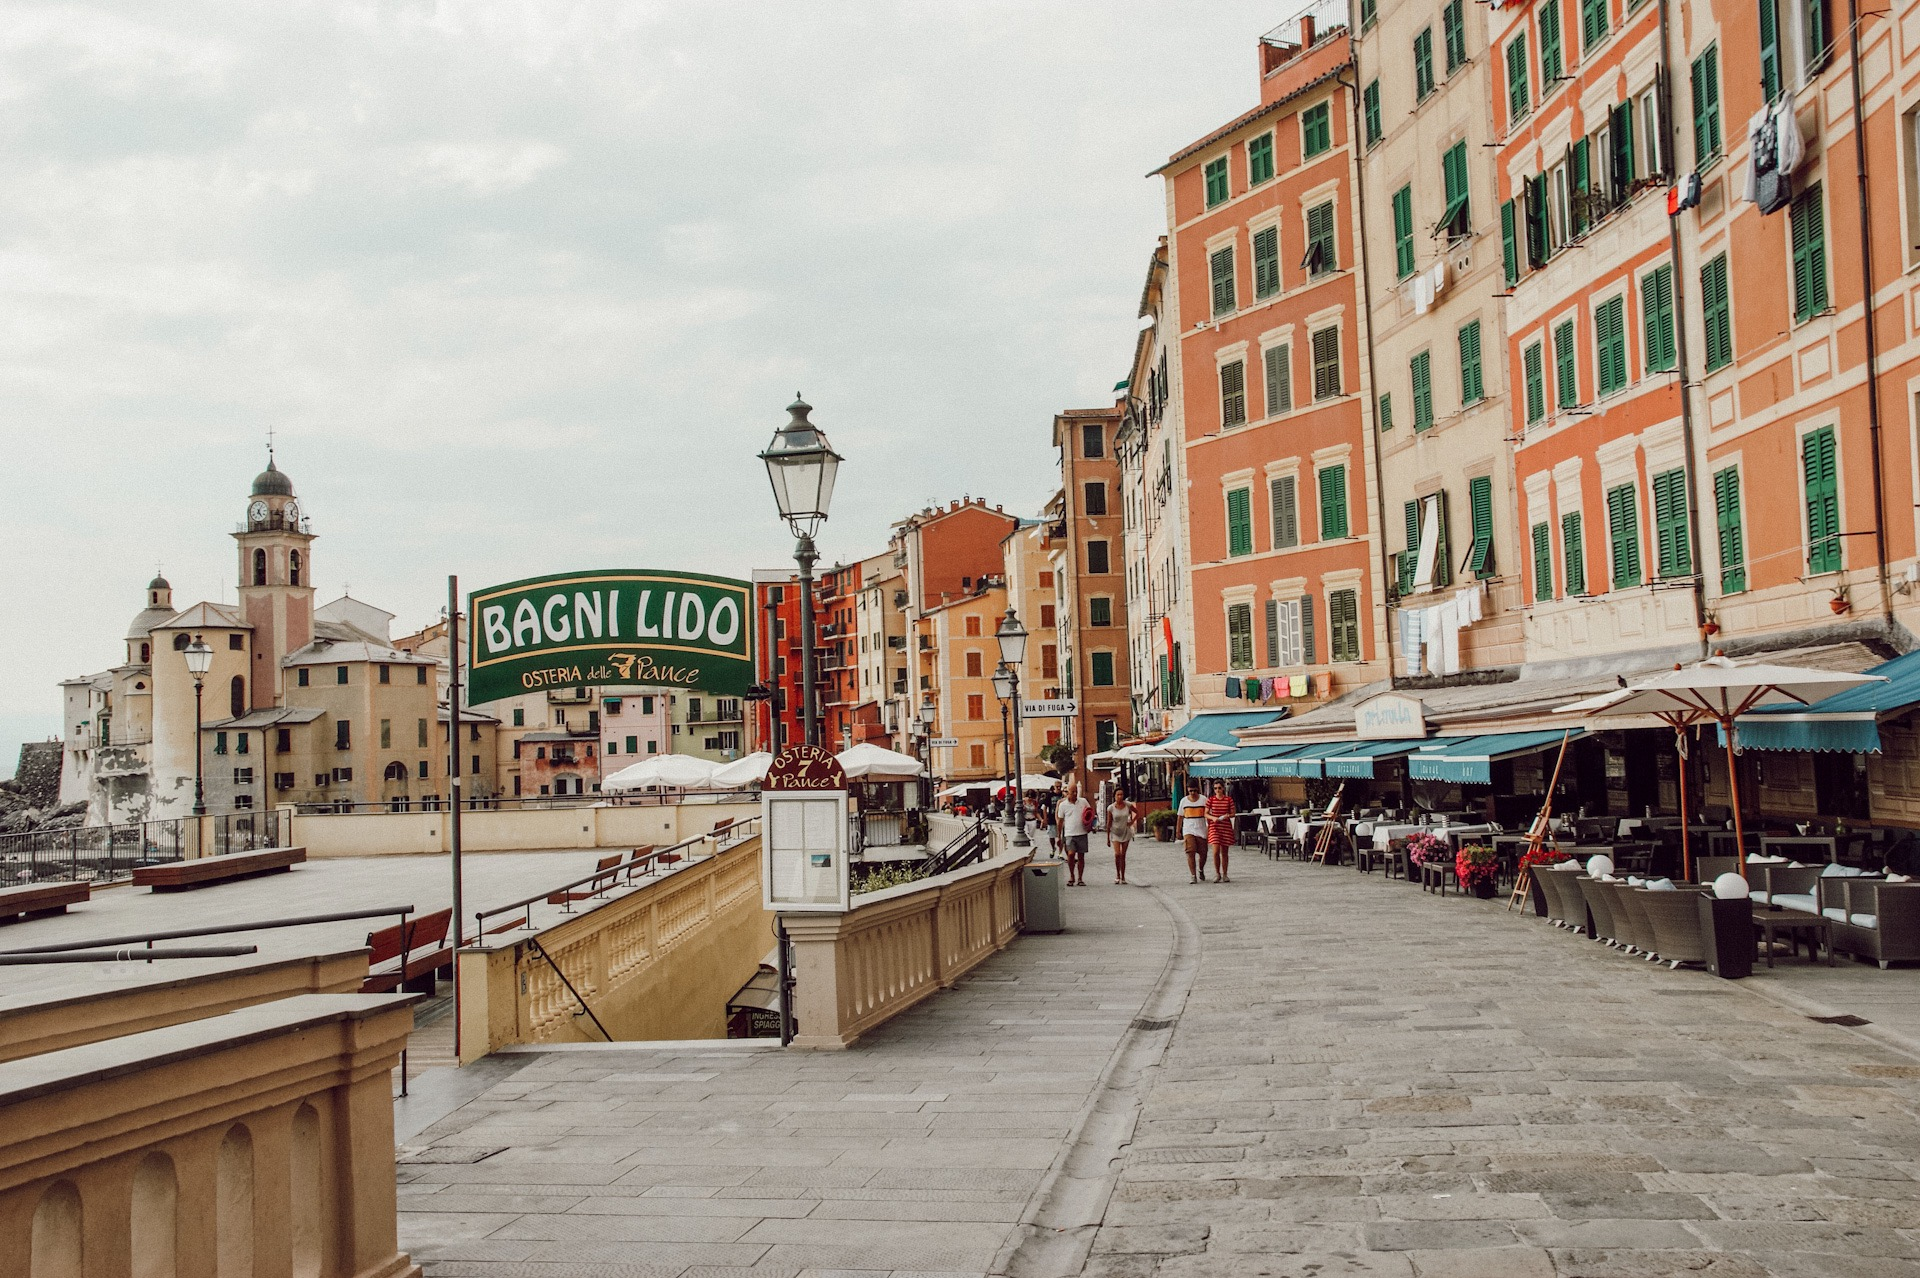 Camogli, Ligurien, Reisebericht, Italien Reise